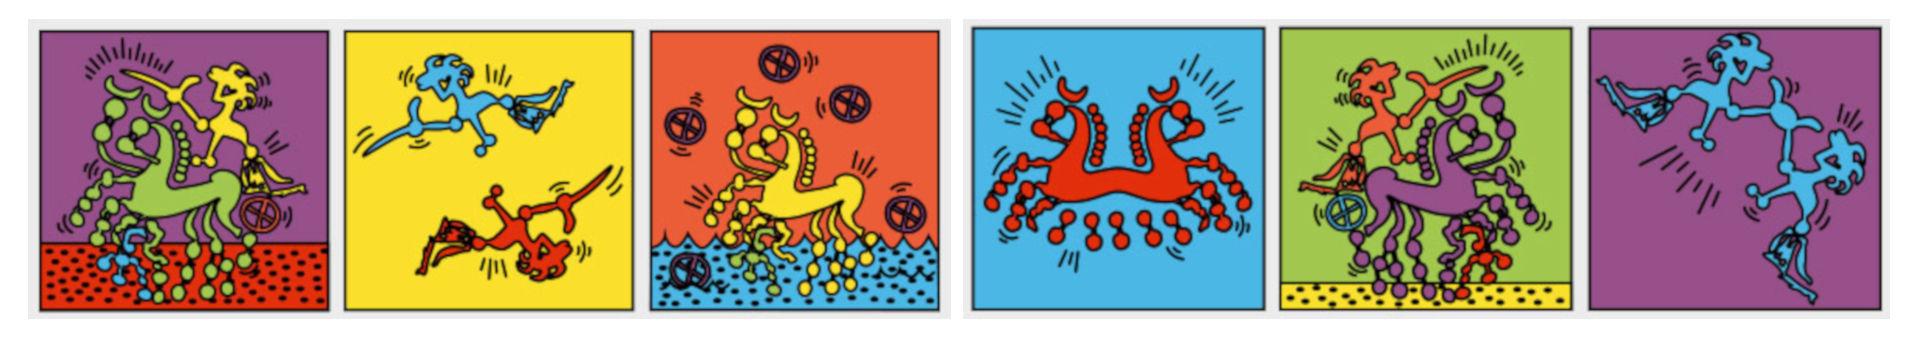 Die Münzbilder der Kelten regten Livia Enderli, AATG, zu modernen grafischen Umsetzungen und Interpretationen an. Photo credits: © 2018 Amt für Archäologie des Kantons Thurgau (Foto: Livia Enderli).